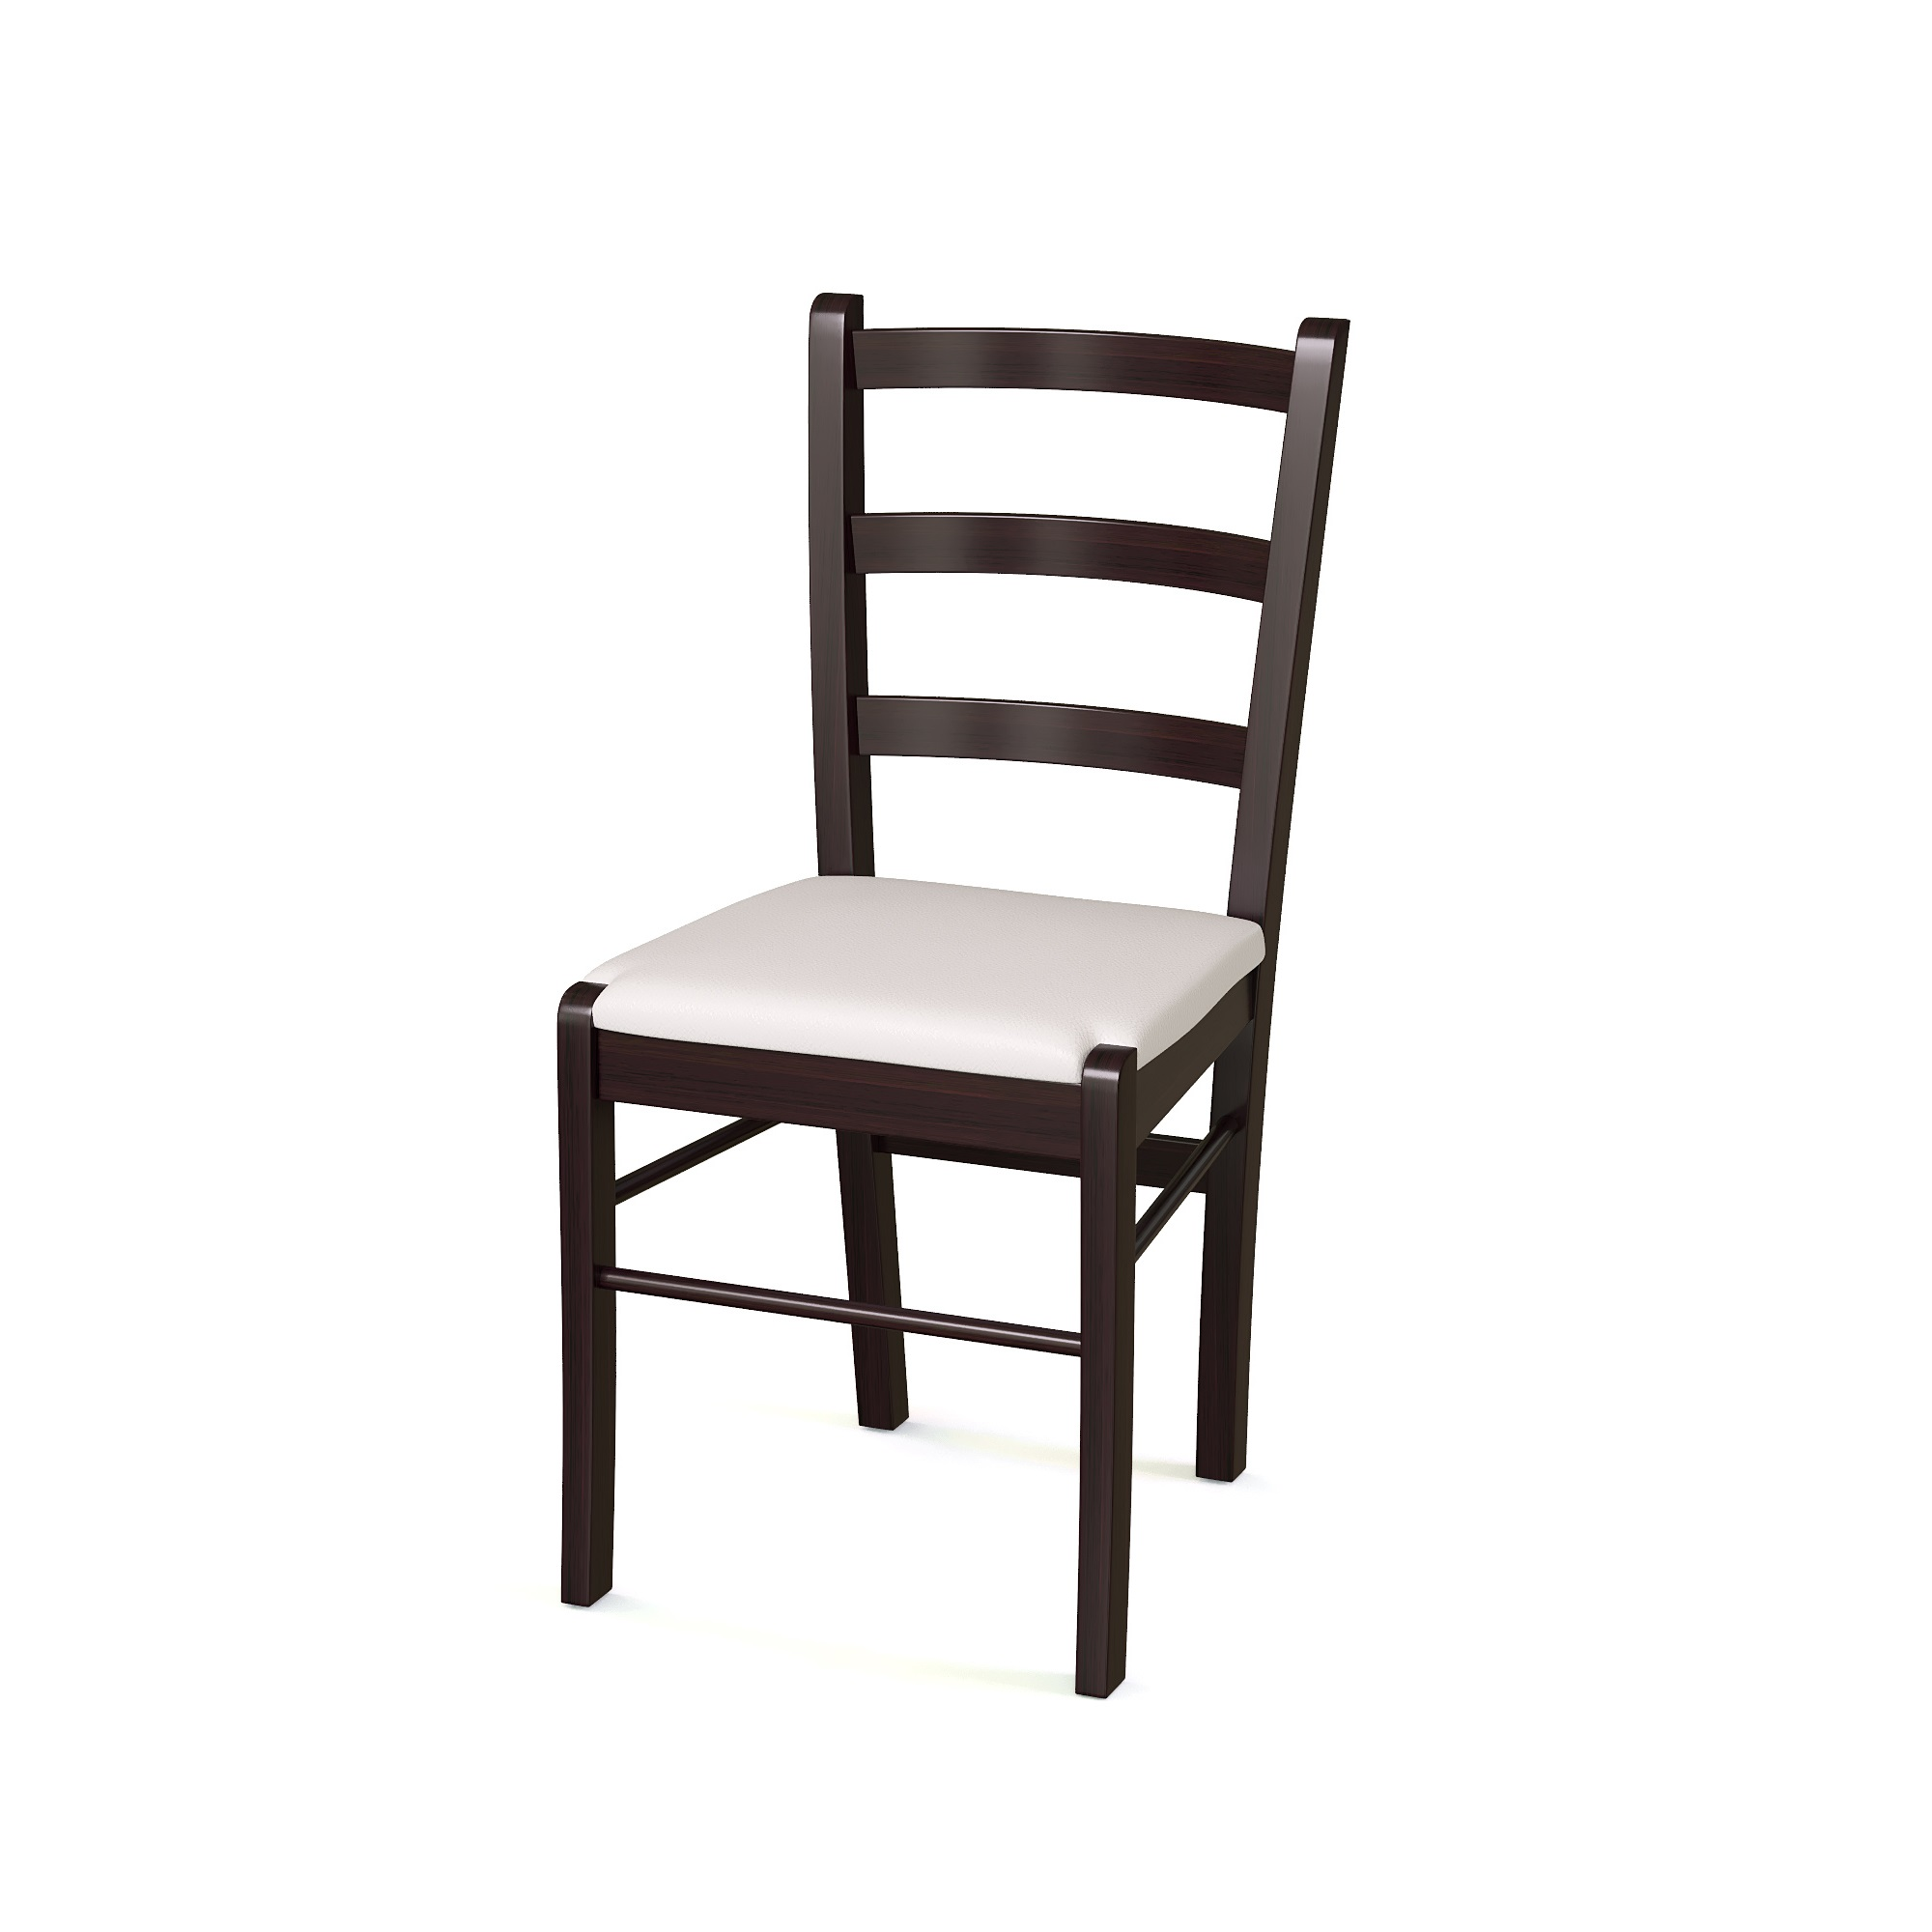 Стул PavlaОбеденные стулья<br>Высота от пола до сиденья 46 см.<br><br>Material: Экокожа<br>Ширина см: 45.0<br>Высота см: 93.0<br>Глубина см: 47.0